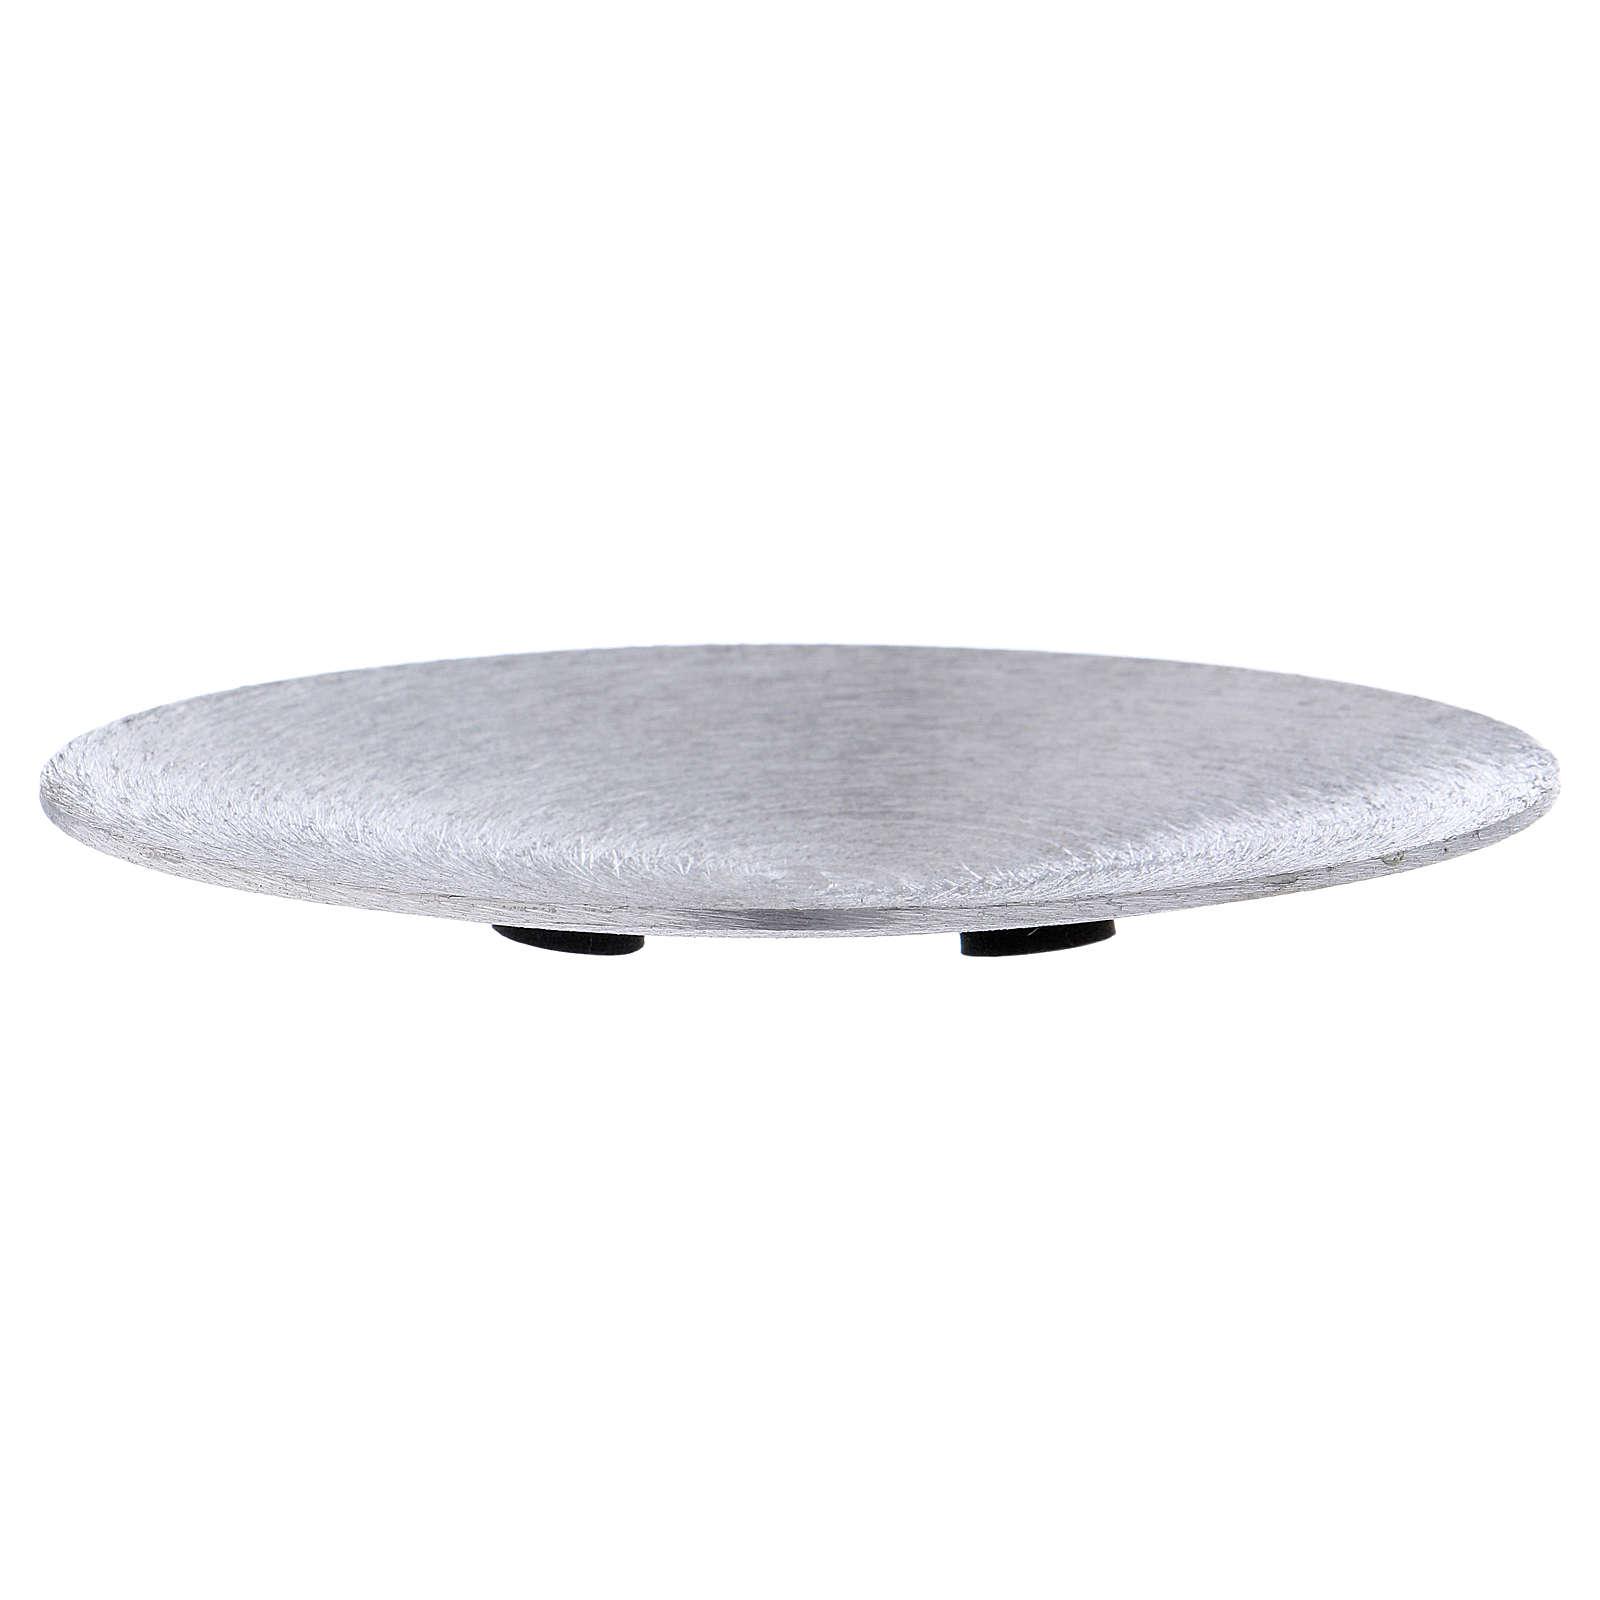 Plato portavela cóncavo aluminio plateado d. 12,5 cm 3